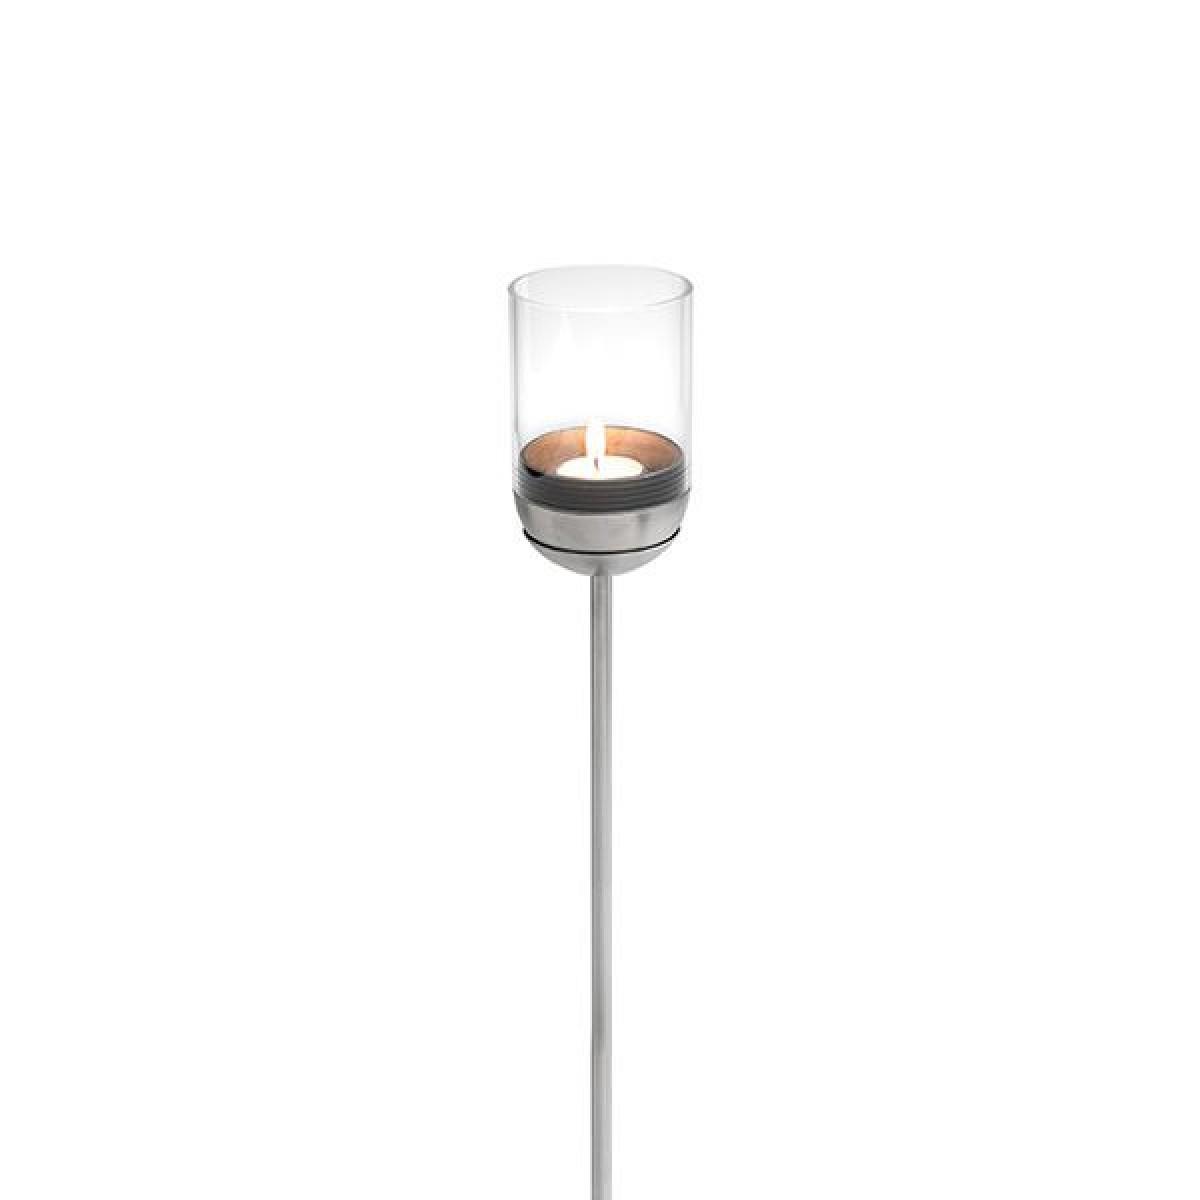 GRAVITY CANDLE Pole | Stab | optionales Zubehör für GRAVITY CANDLE  Windlicht von höfats